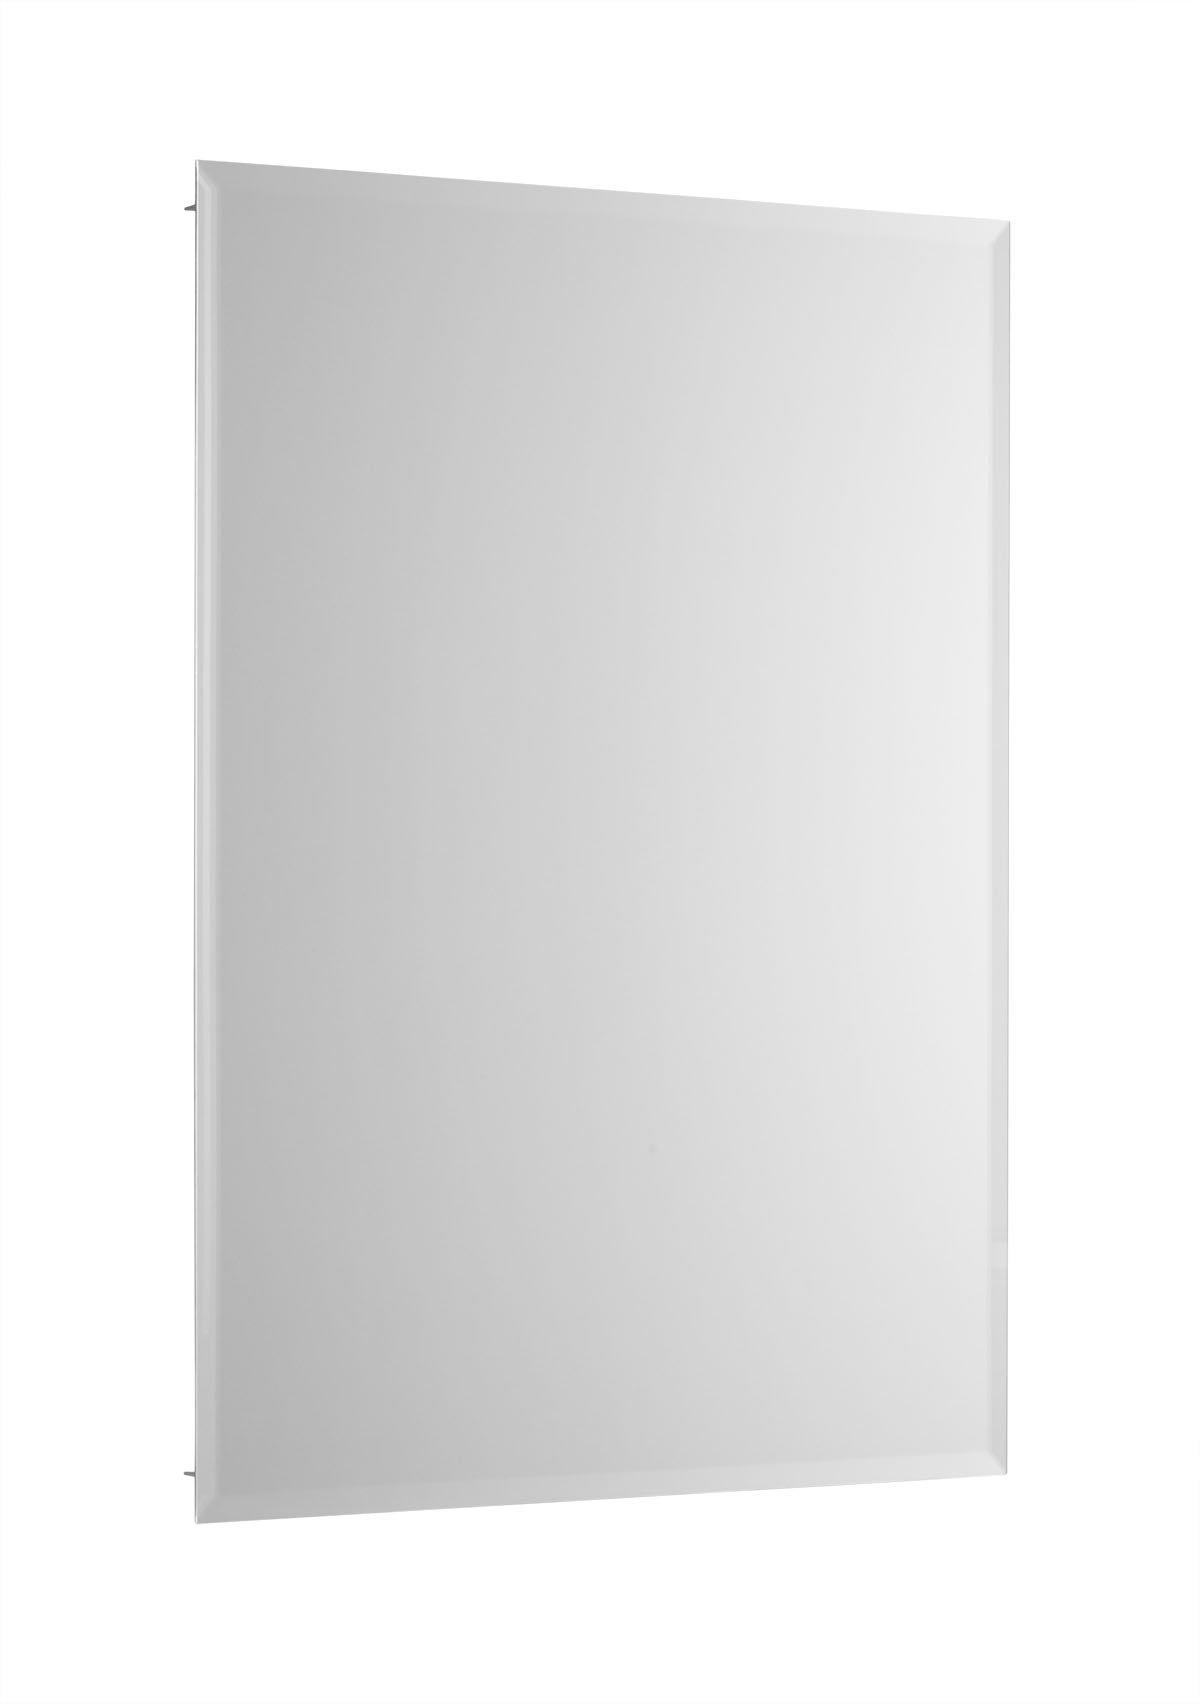 KOHLER CB-DXCLC20FS Outer Door for Clc2026fs Medicine Cabinet